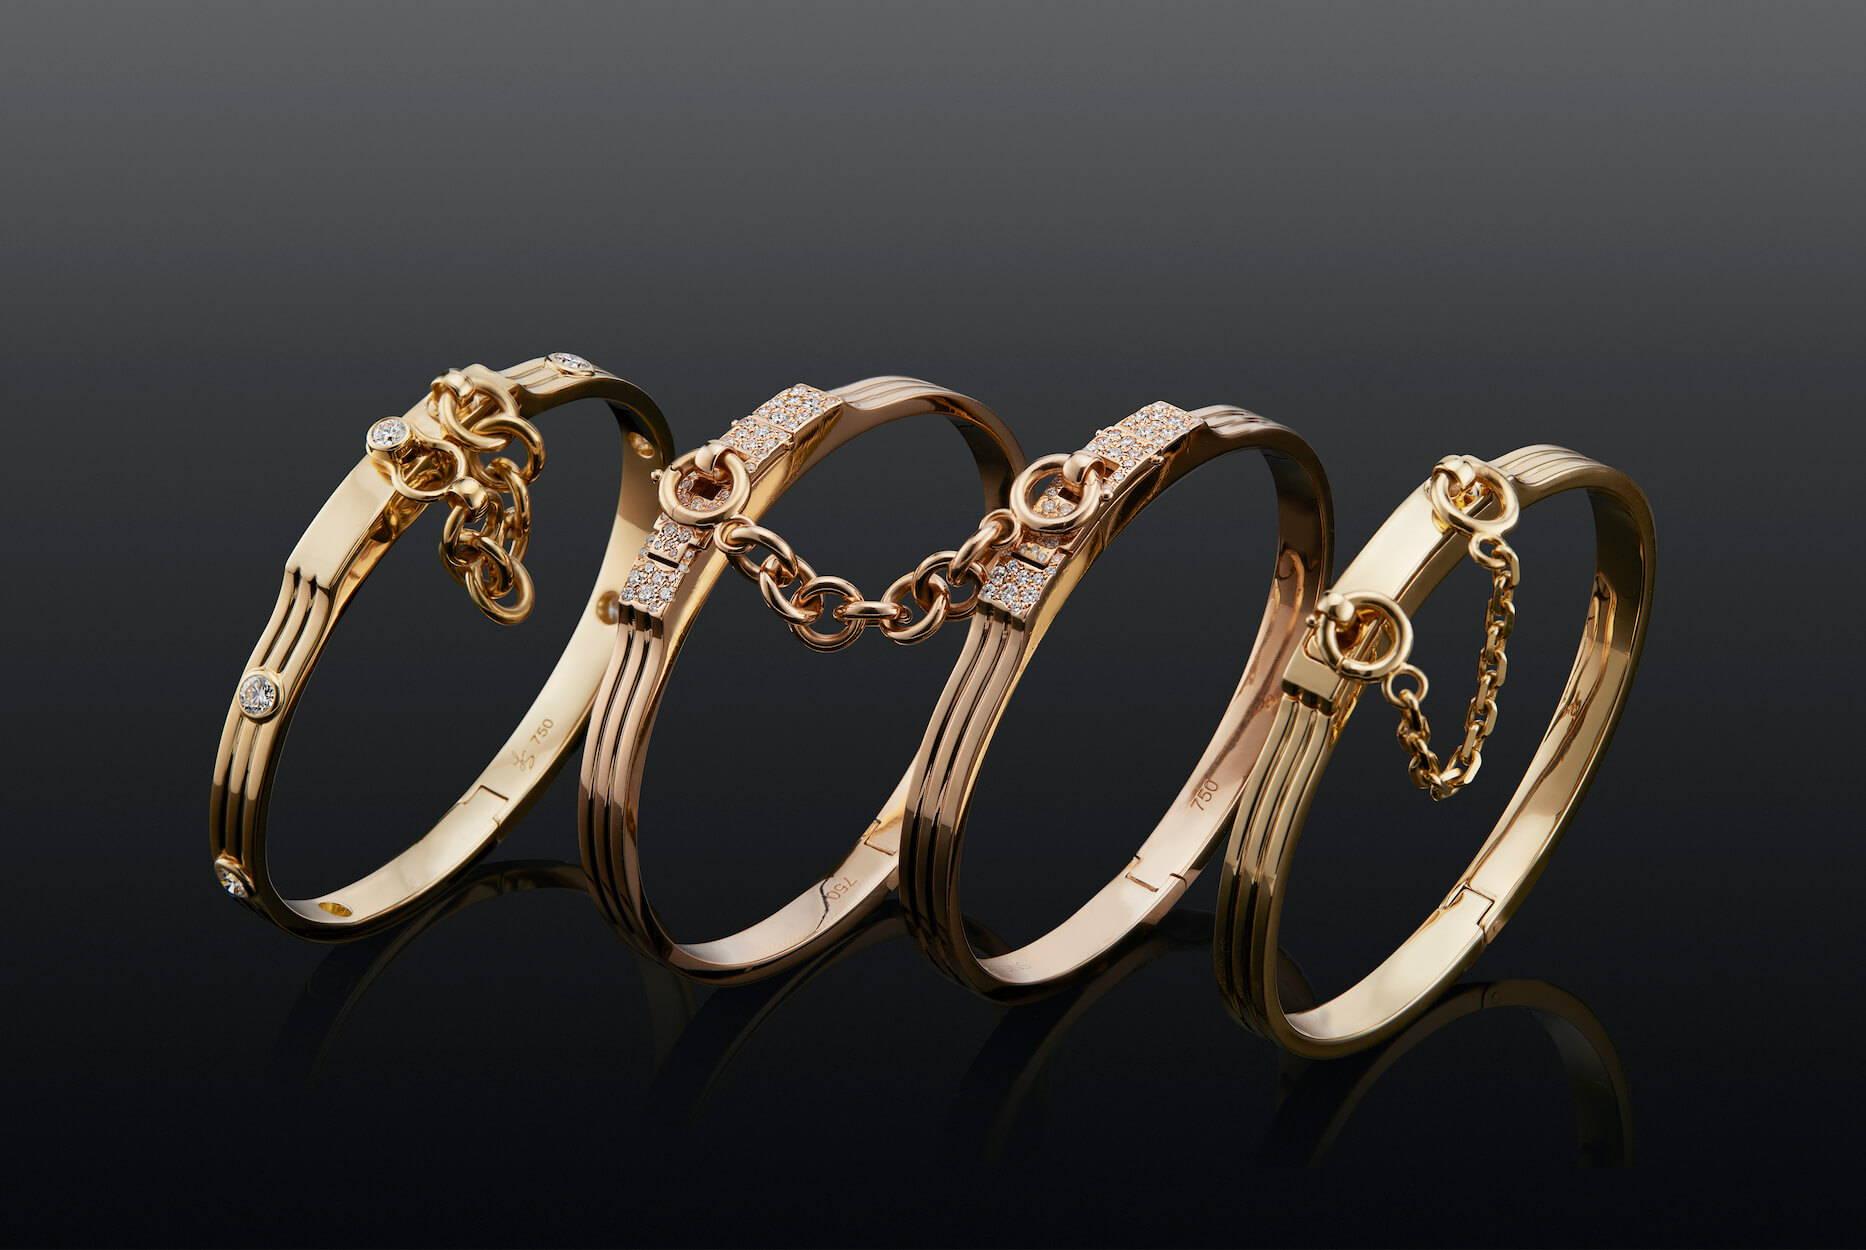 Oath cuff bracelets